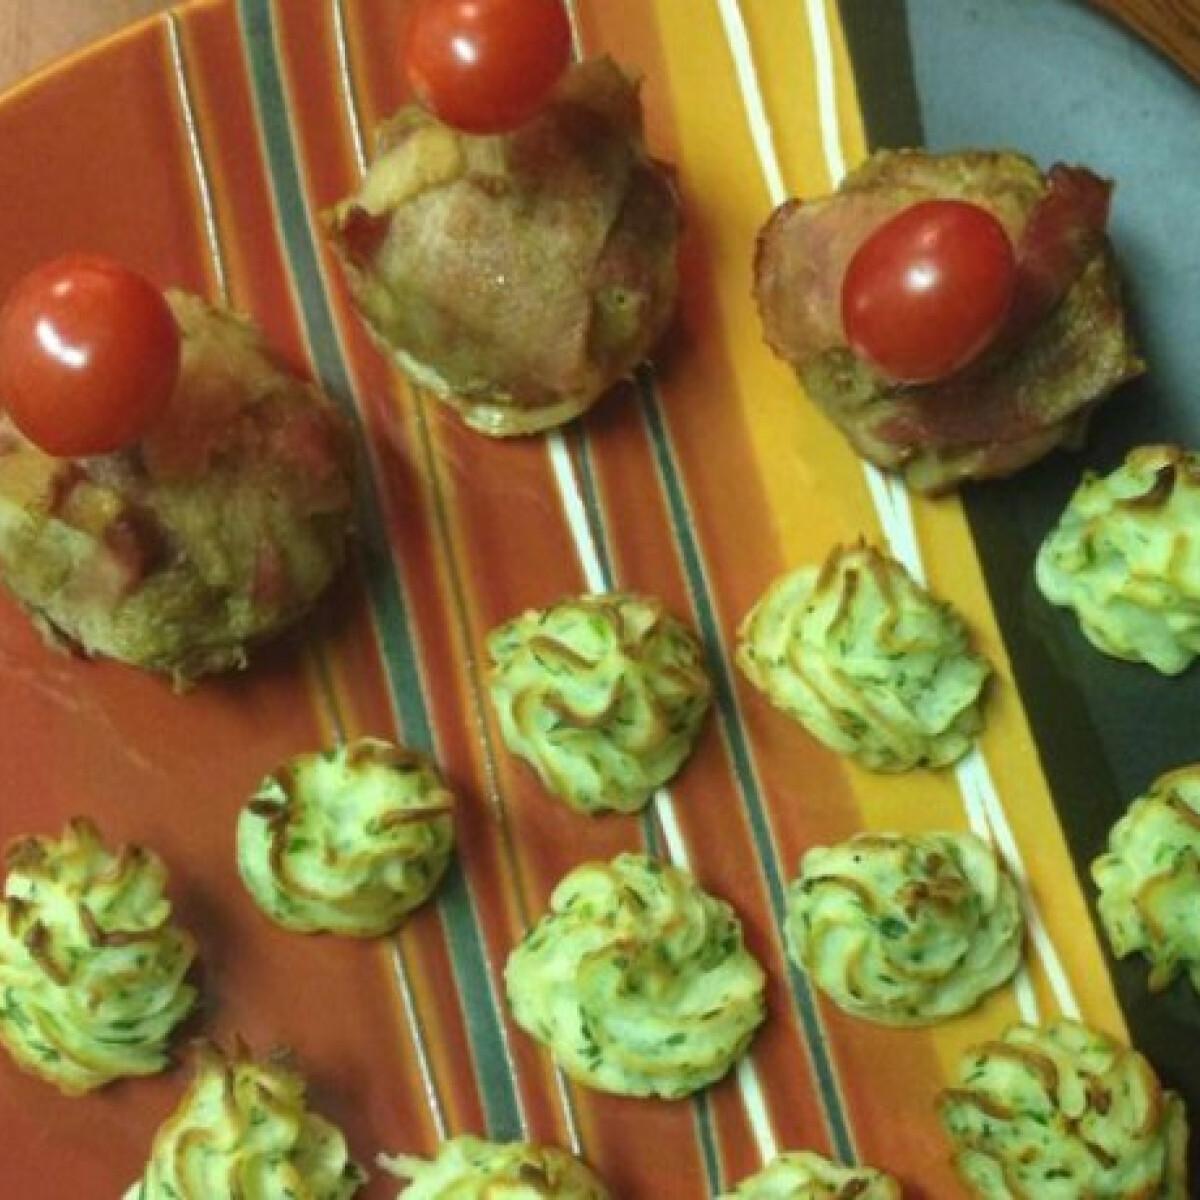 Ezen a képen: Muffin formában sült fasírt sült krumplipürével